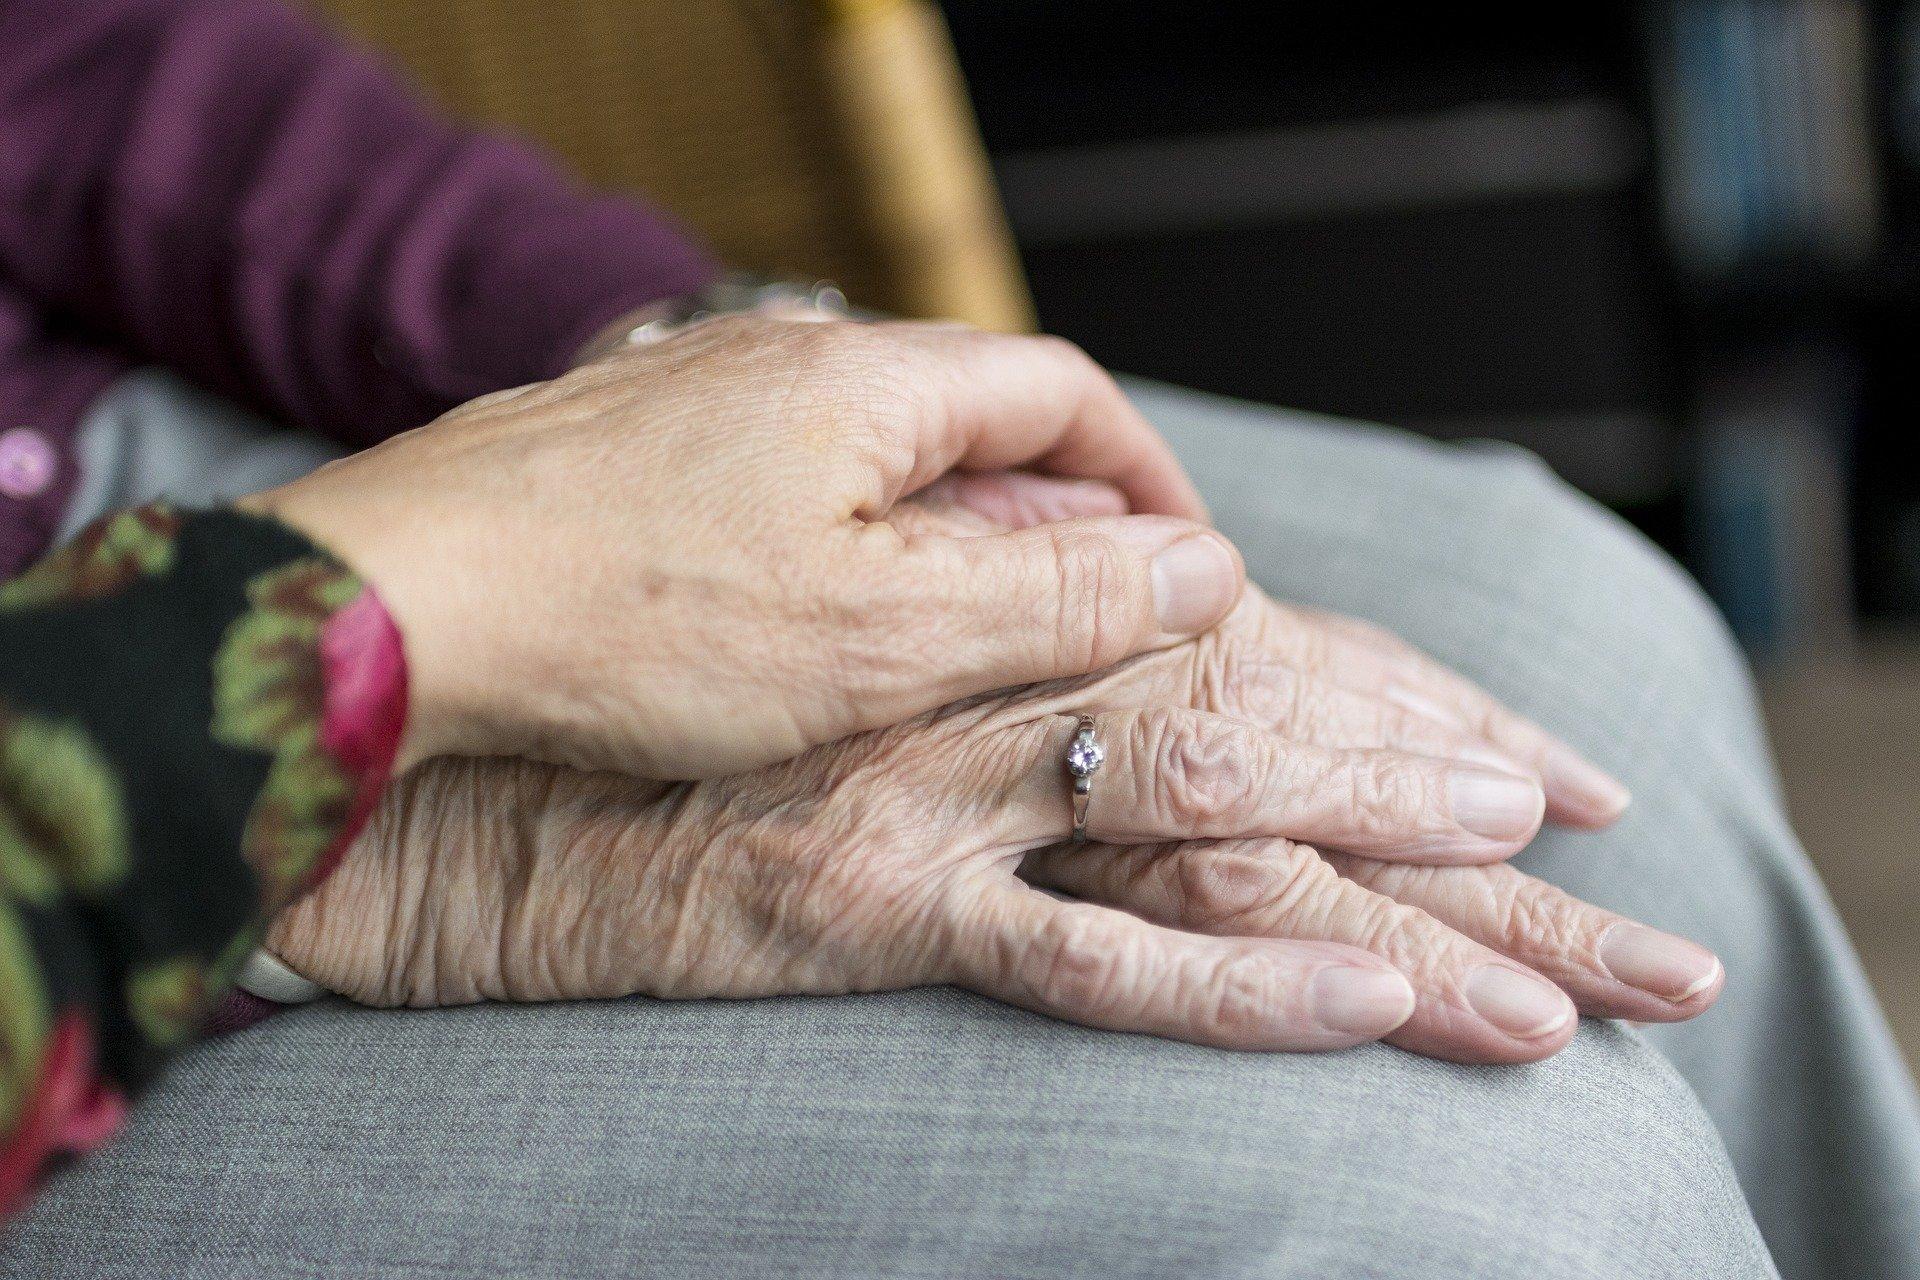 Zwei Hände die sich gegenseitig berühren